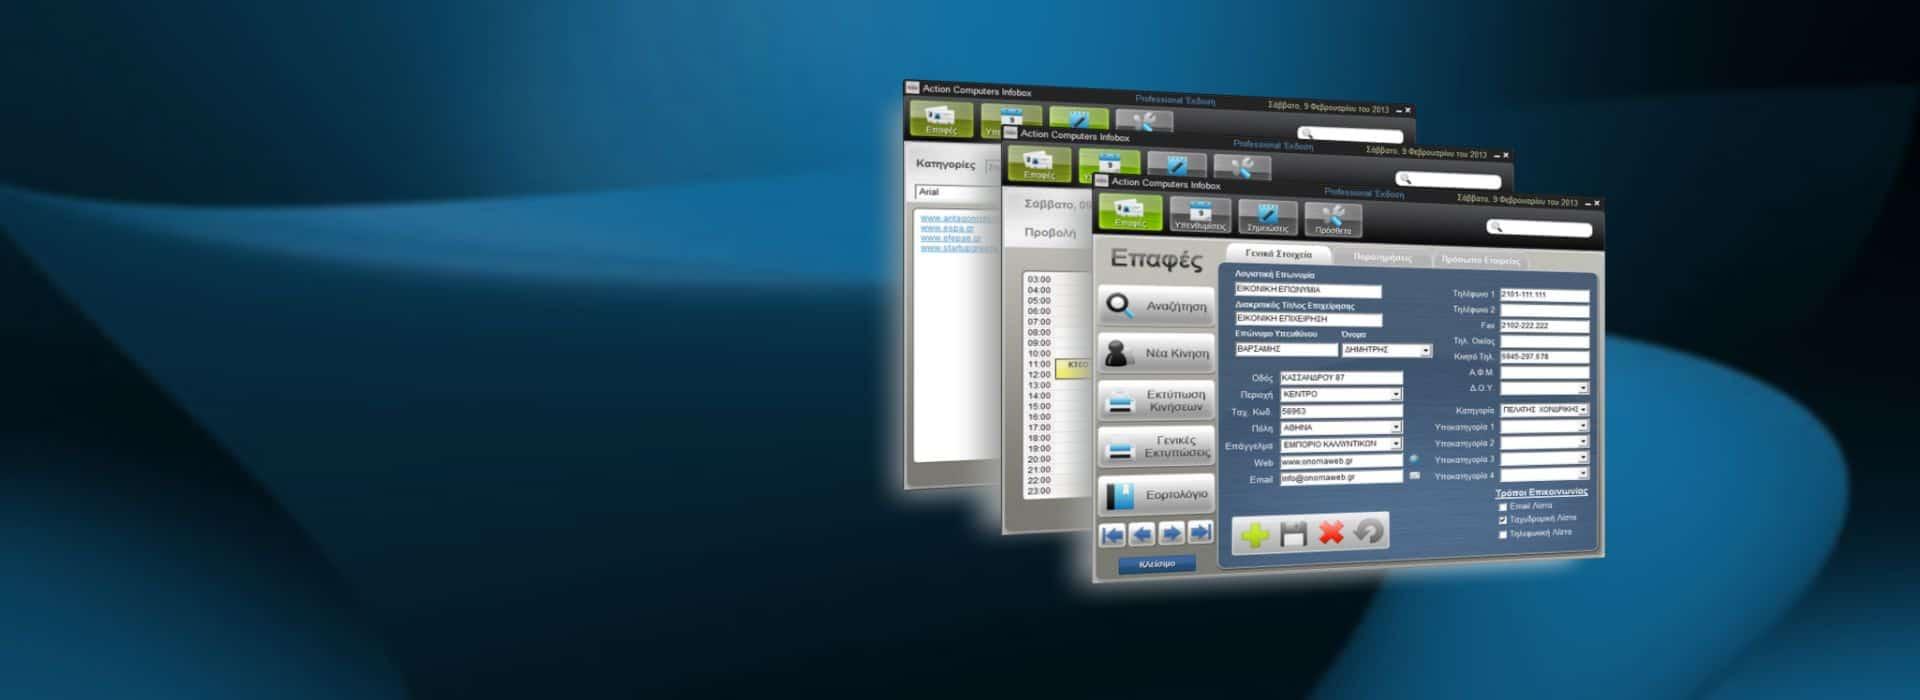 Μπλέ φόντο με καμπύλες μαυρες και 3 screenshots απο το infobox